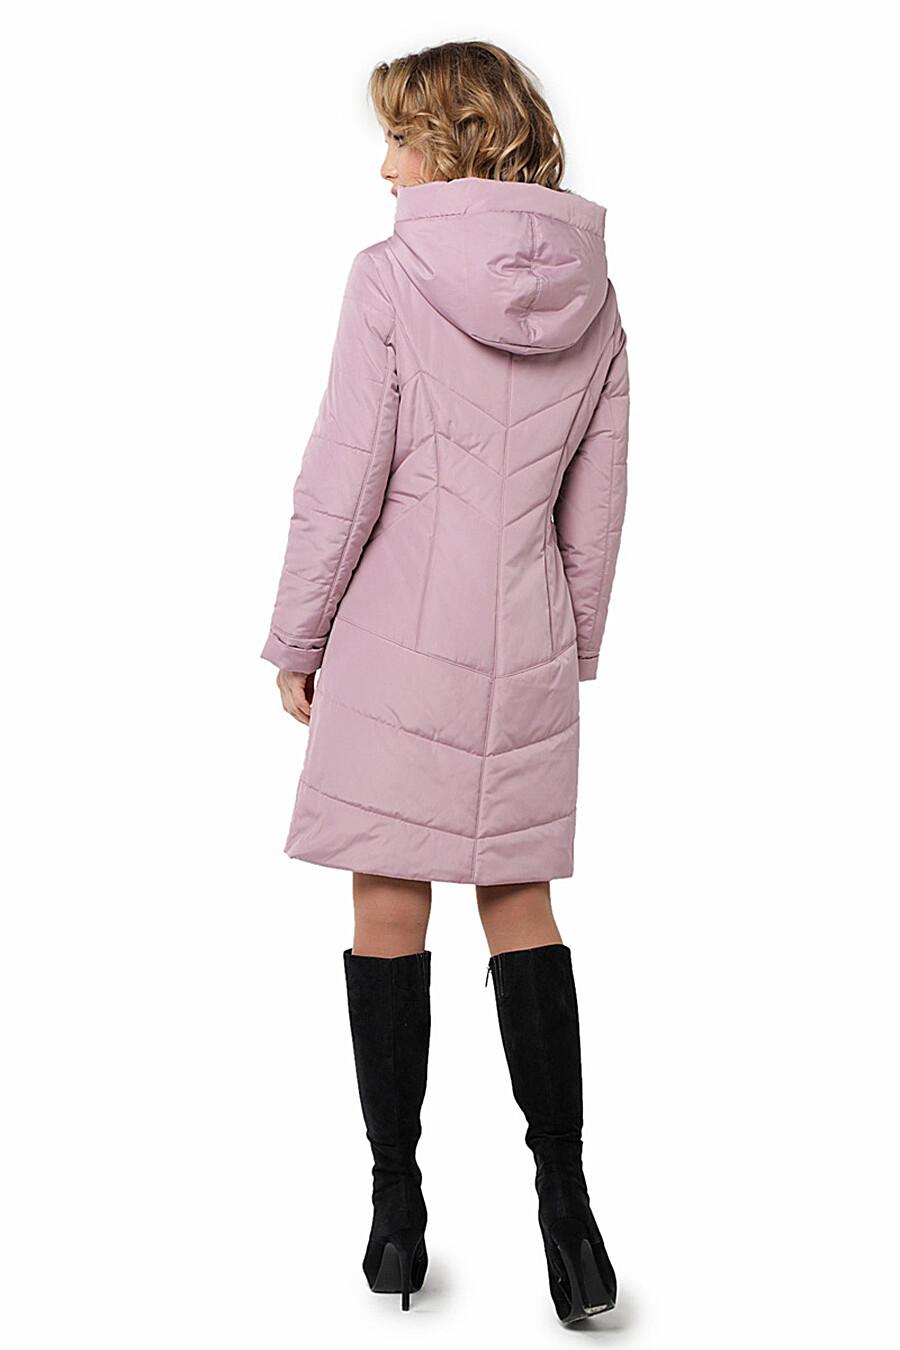 Плащ для женщин DIWAY 169590 купить оптом от производителя. Совместная покупка женской одежды в OptMoyo